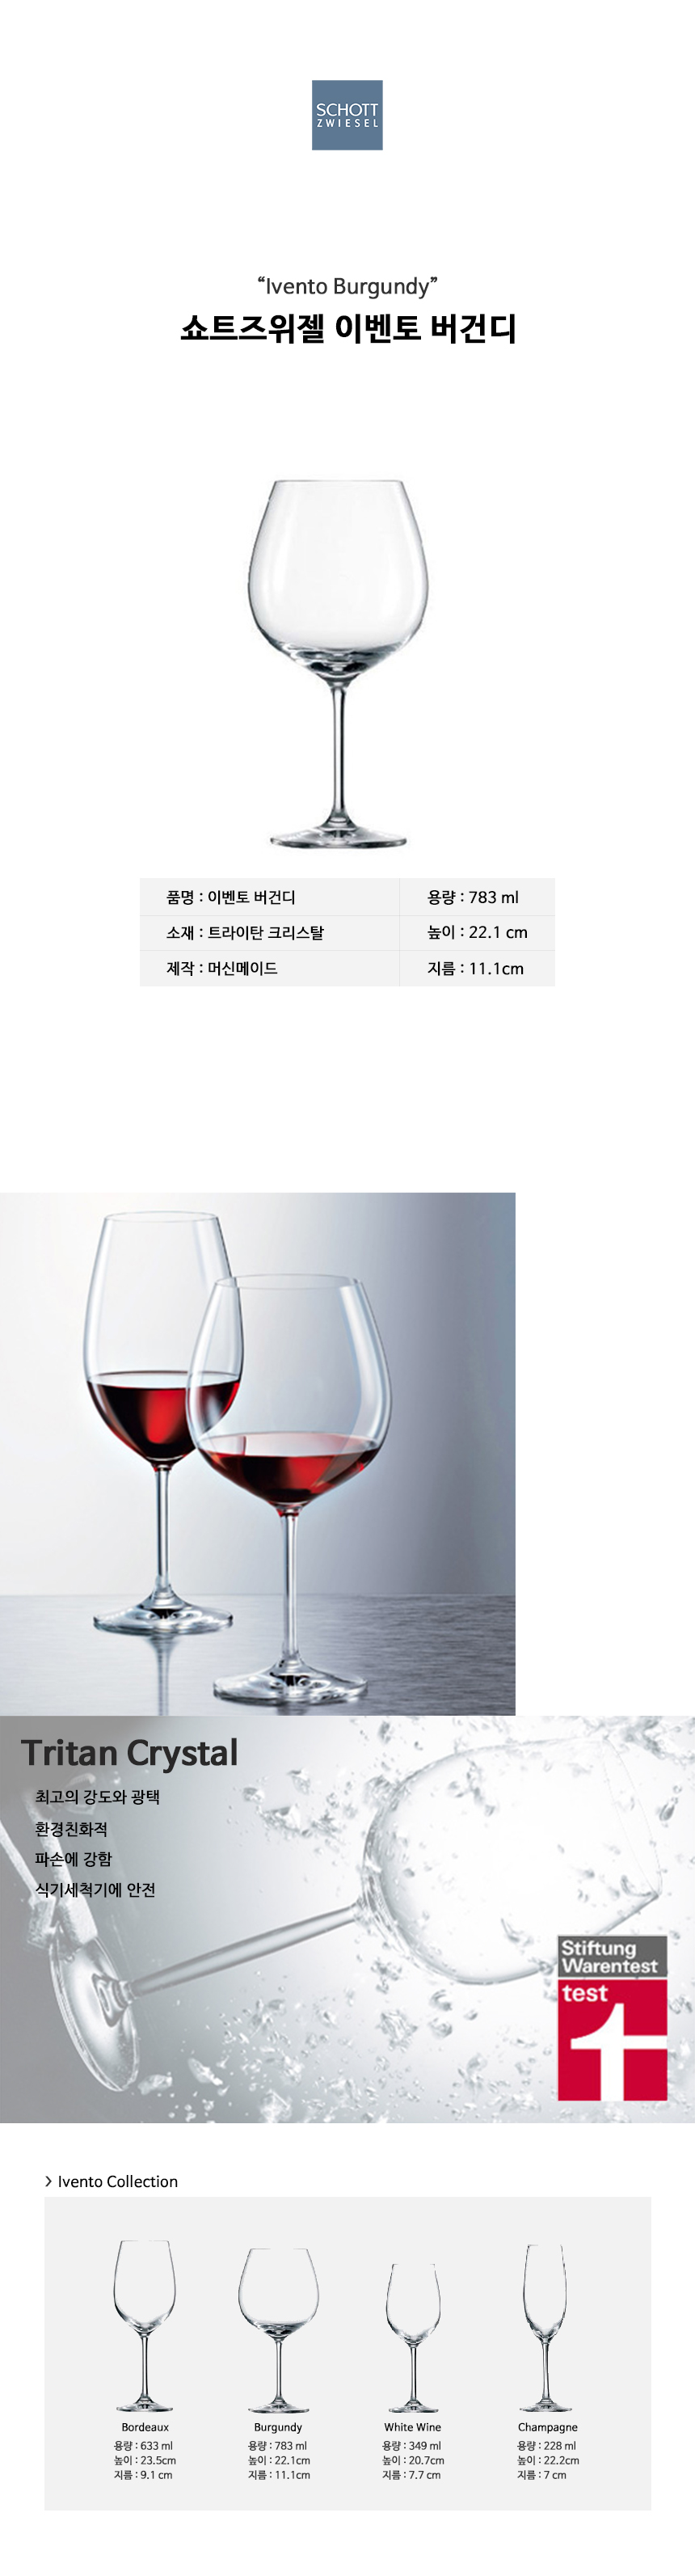 쇼트즈위젤 이벤토 버건디 1P - 쇼트즈위젤, 24,000원, 유리컵/술잔, 와인잔